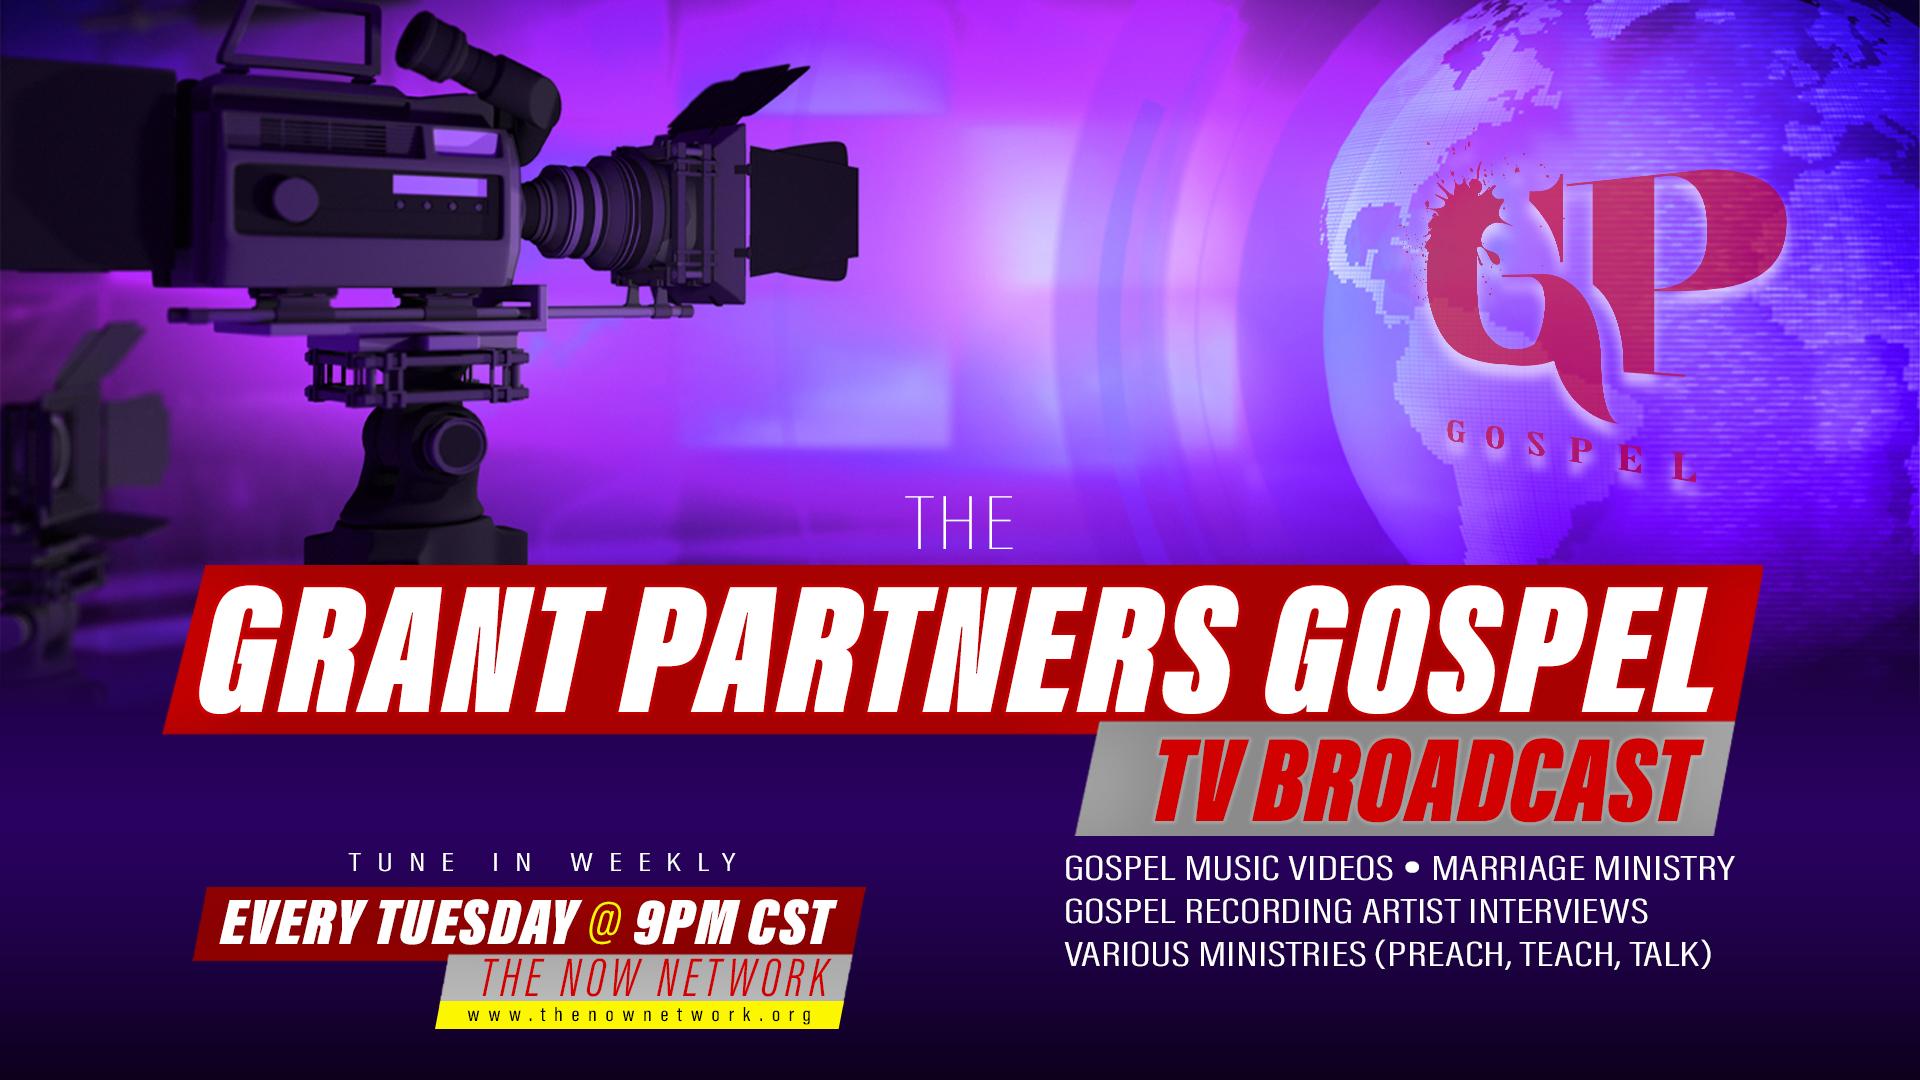 GPG TV Broadcast tv broadcast ad